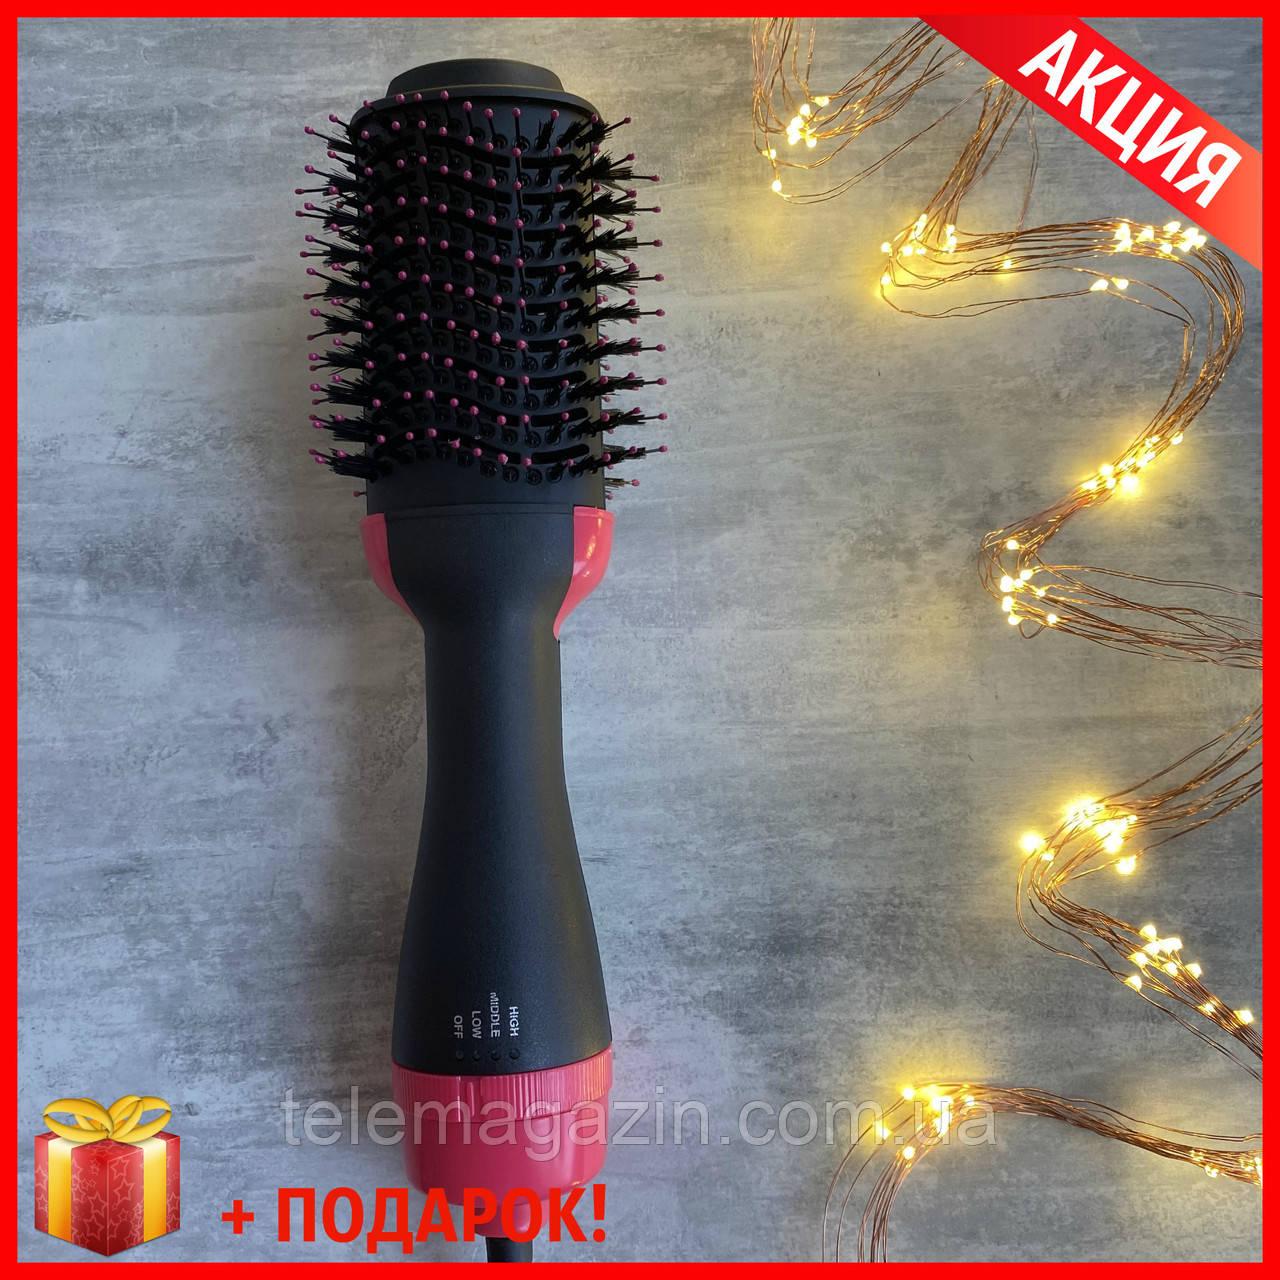 Фен щетка, браш для укладки волос ONE STEP 3 в 1, Стайлер - расческа для волос + Подарок